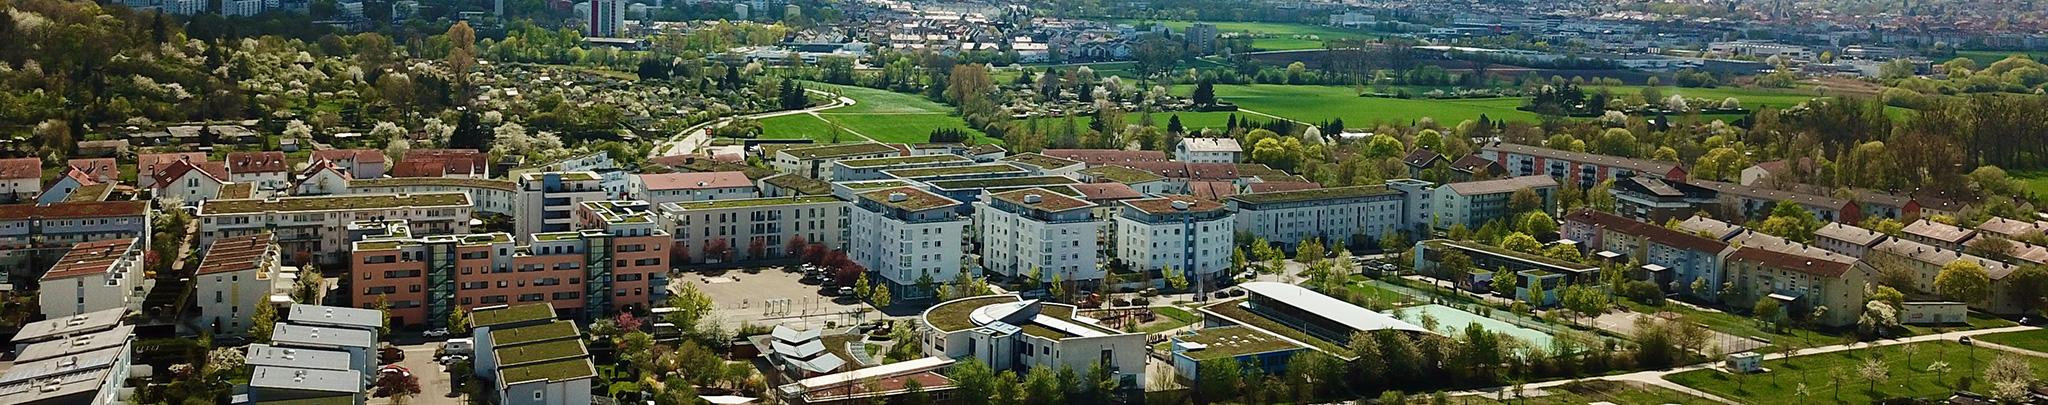 Luftbild Weilimdorf Hausen. Foto © Hans-Martin Goede